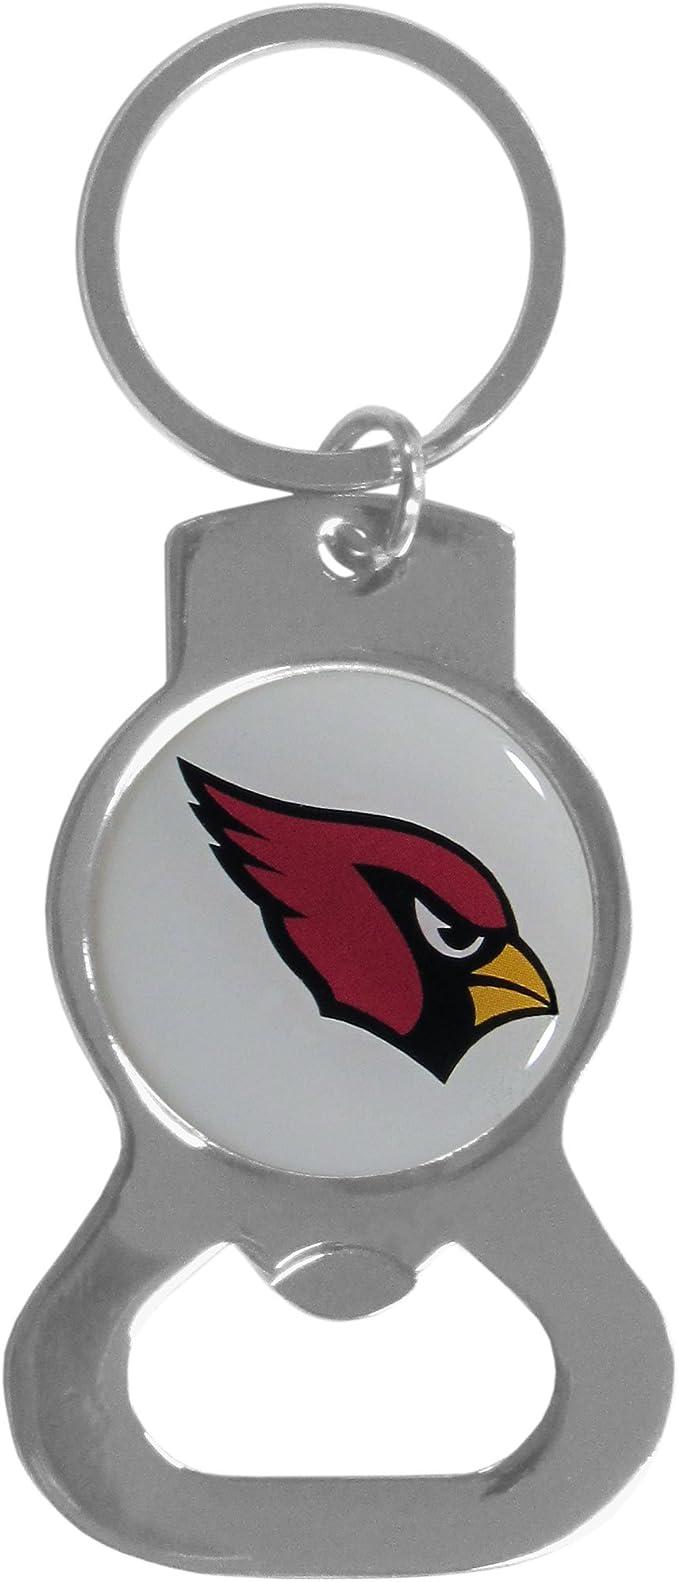 Siskiyou Nfl Sports Fan Shop Arizona Cardinals Flaschenöffner Schlüsselanhänger Einheitsgröße Team Farbe Schwarz Sport Freizeit